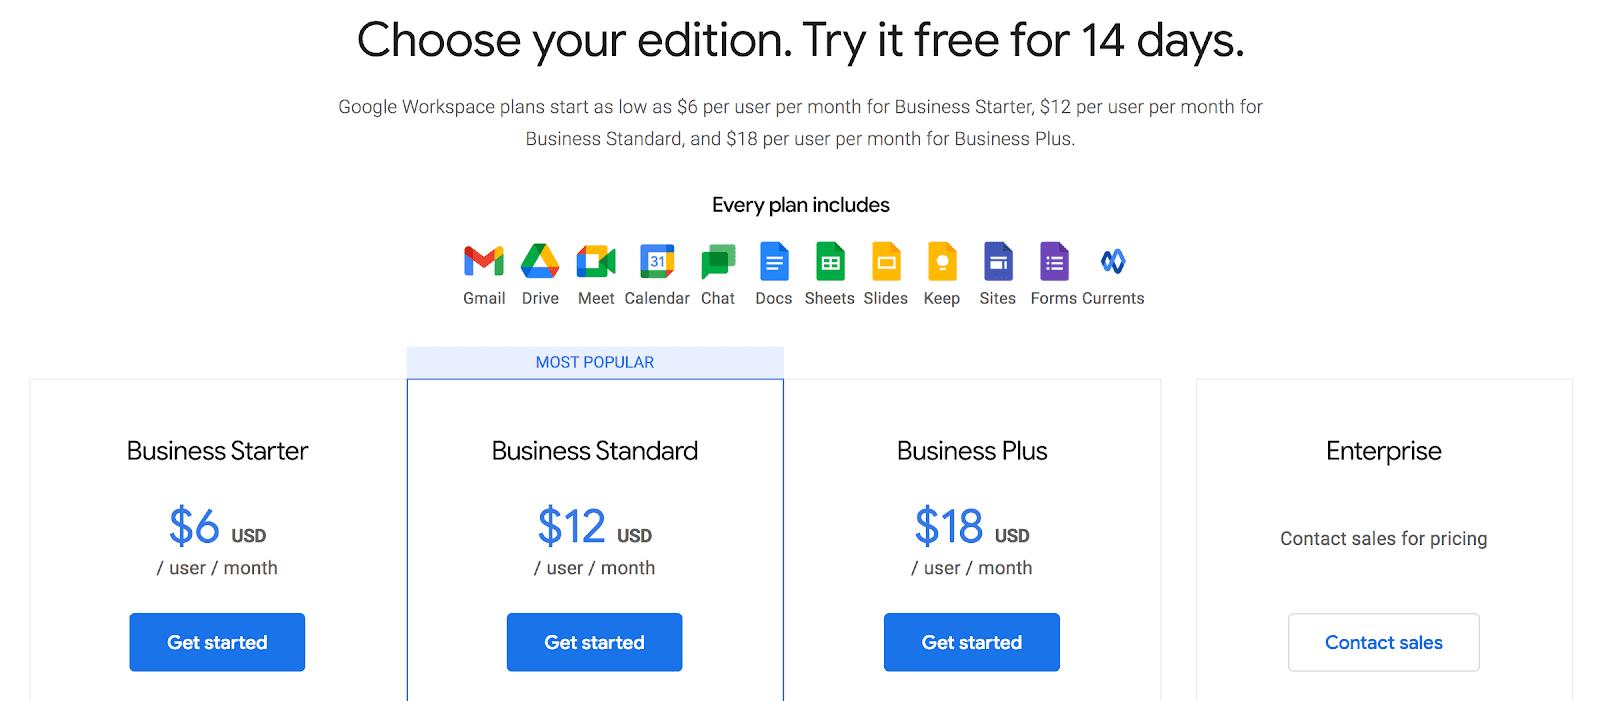 Google Workspaces pricing